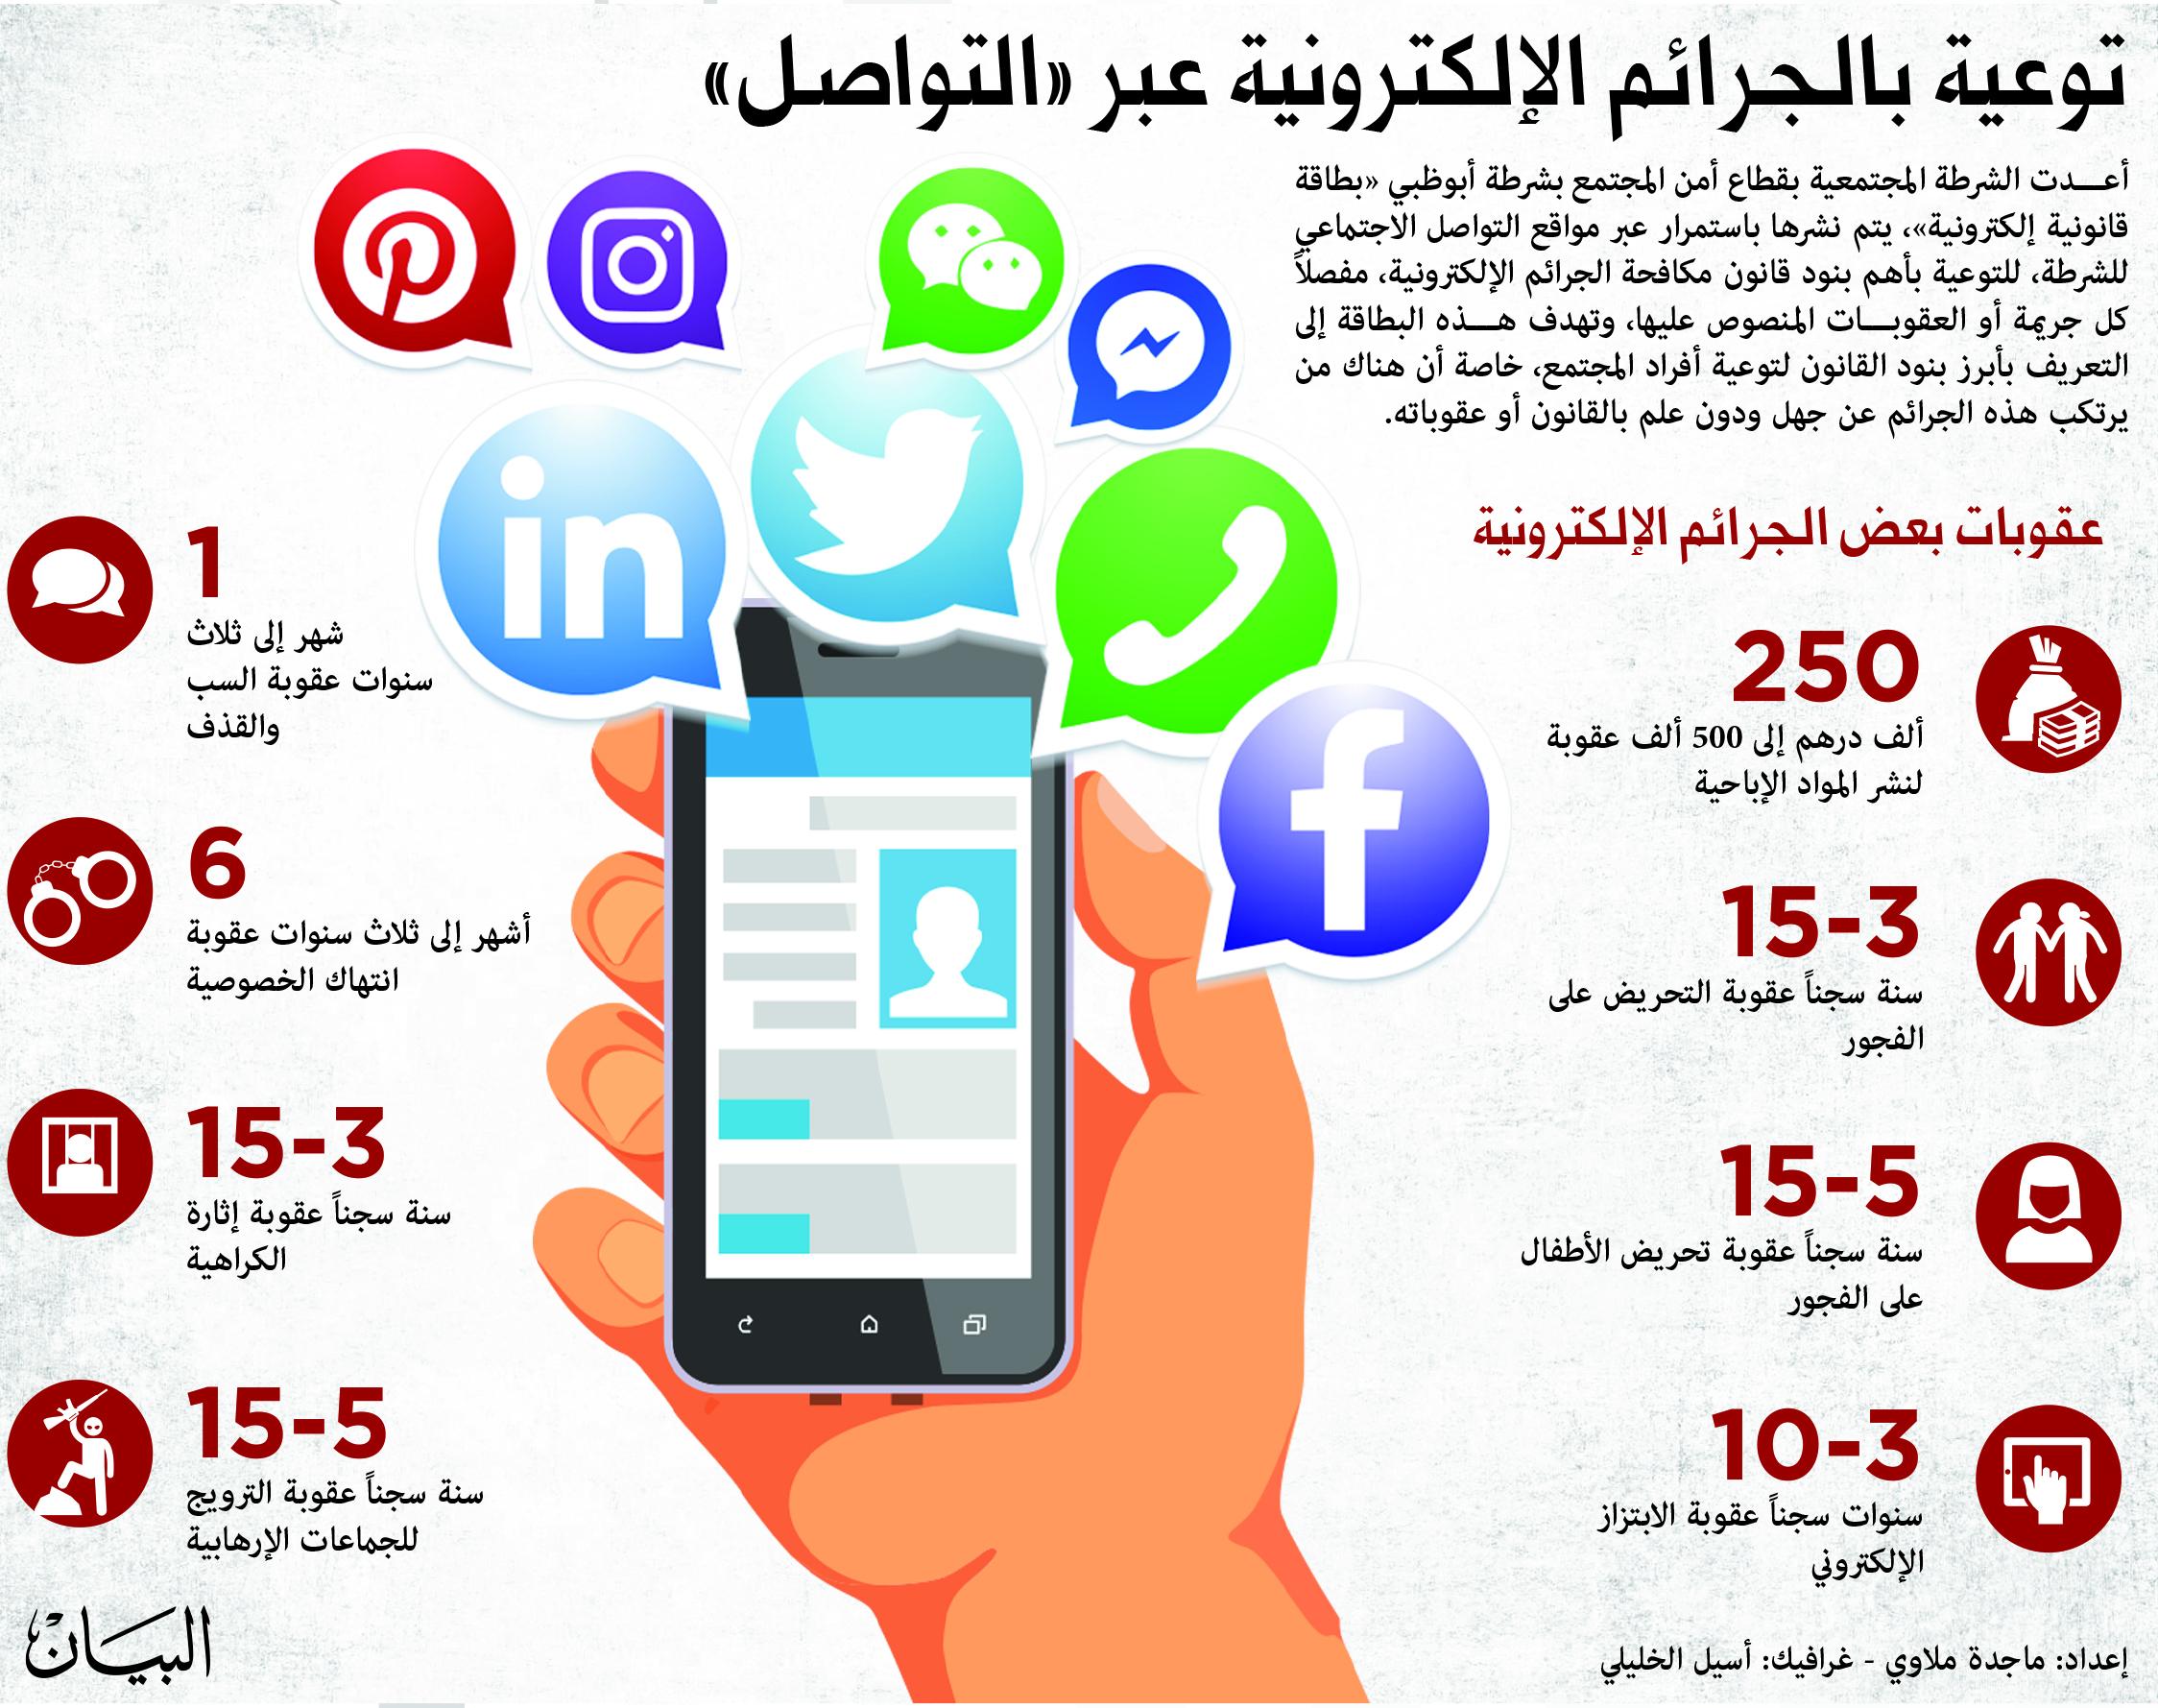 التواصل الاجتماعي تشـريعات تتصـدى للجرائم الإلكترونية وت حصن المجتمع عبر الإمارات أخبار وتقارير البيان